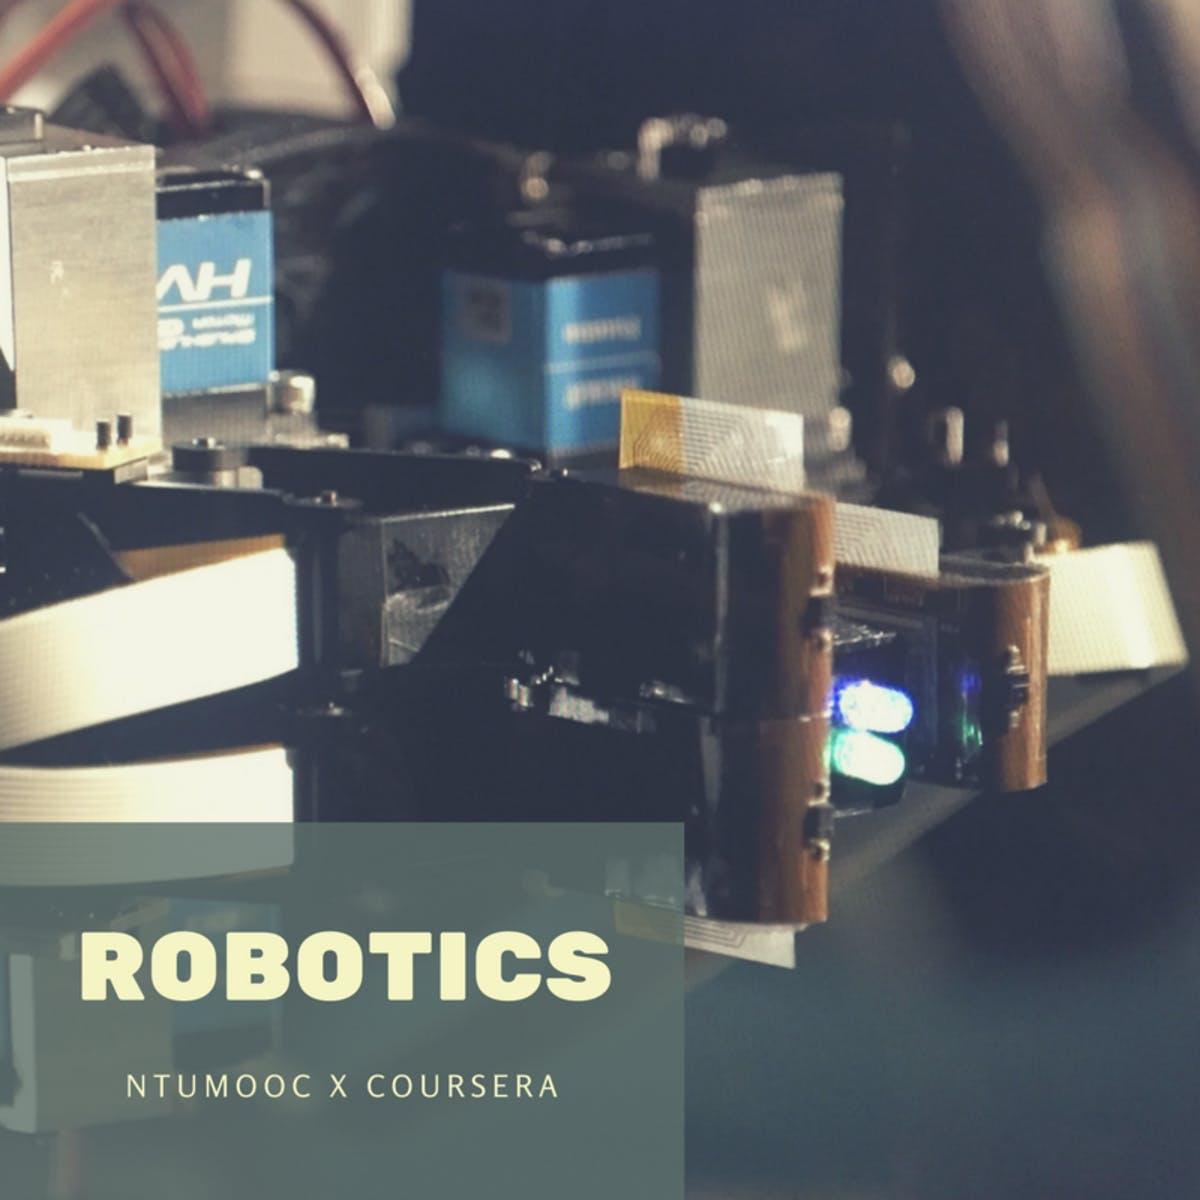 機器人學一 (Robotics 1)